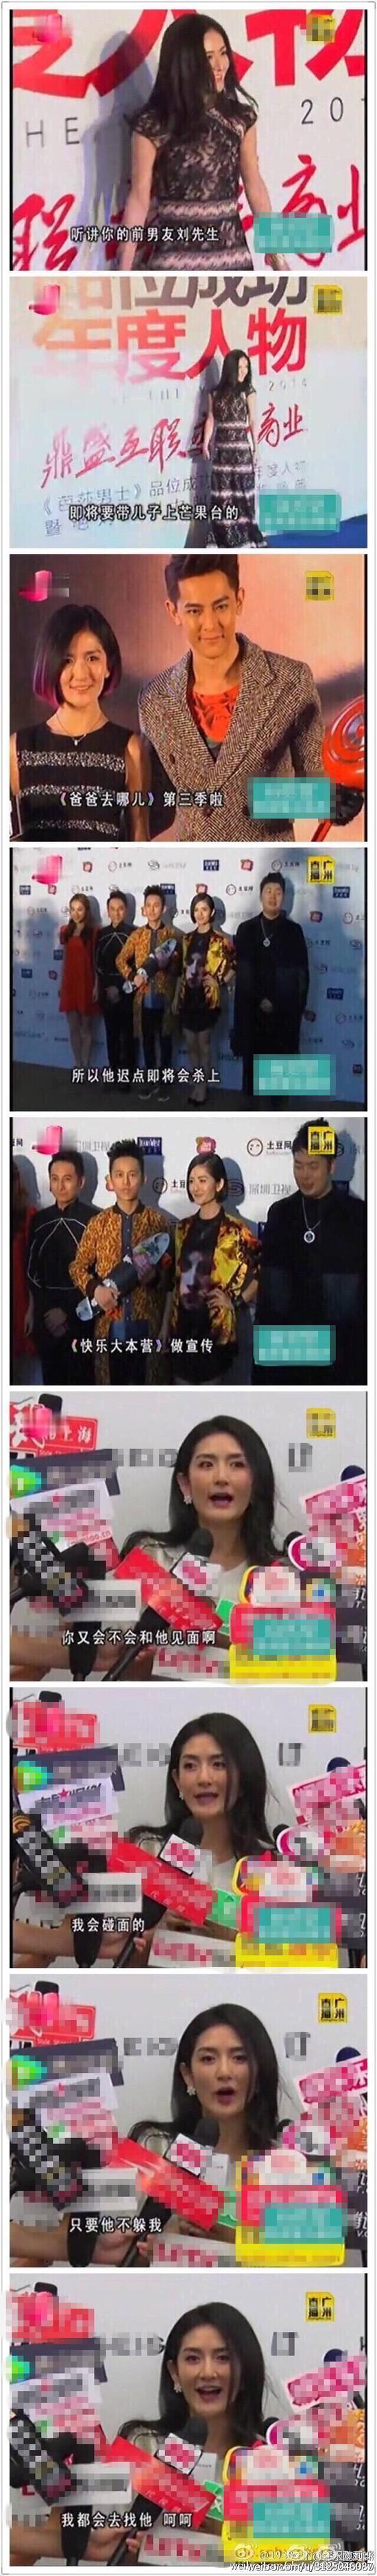 """媒体报道的关于谢娜""""谈刘烨"""",后来刘烨微博引用此图,进行回应"""